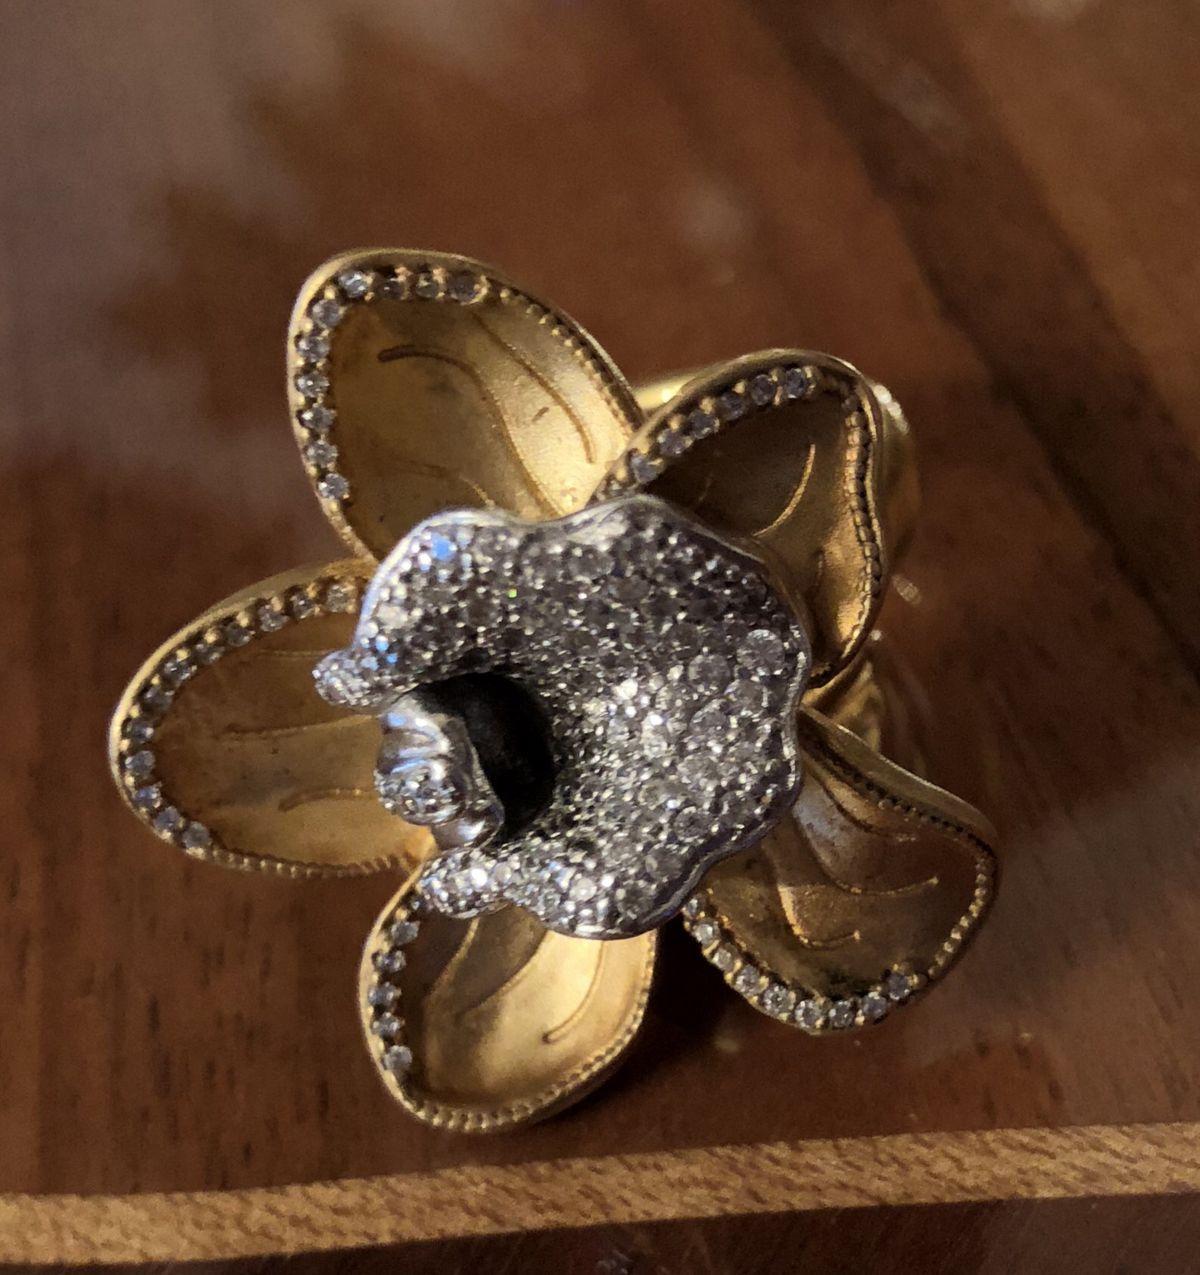 Очень красивое кольцо. Смотрится потрясающе.